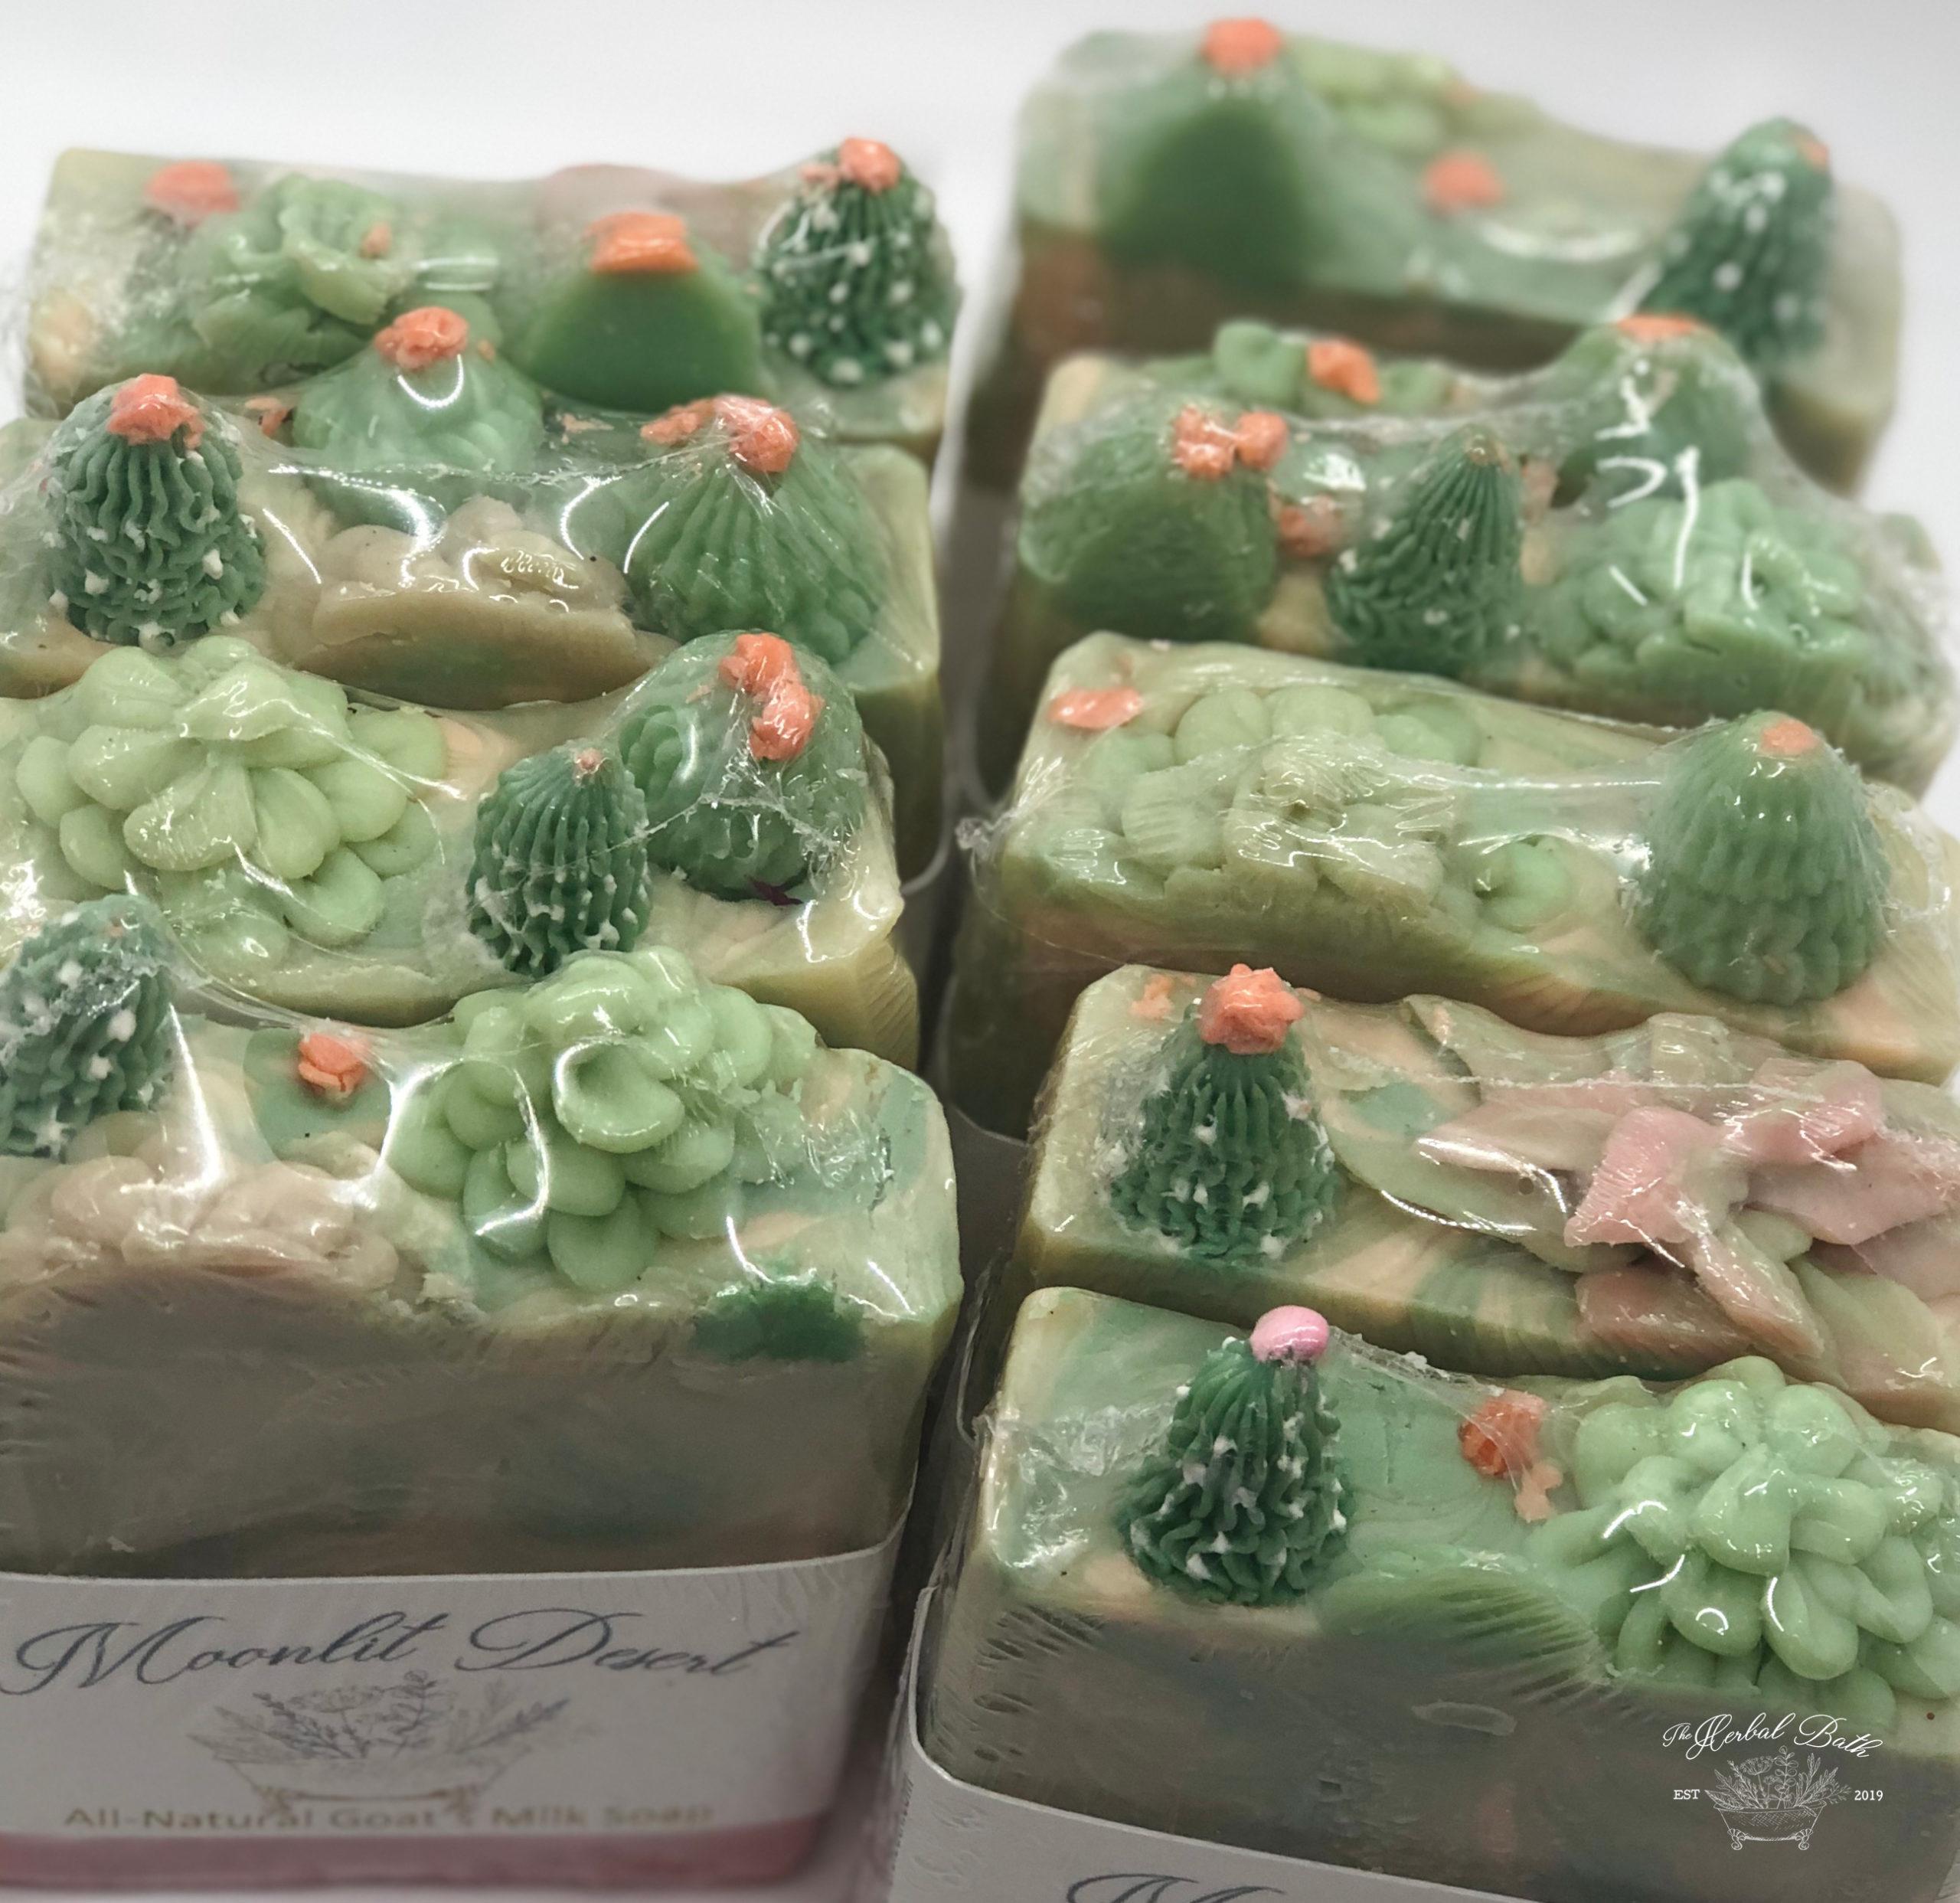 moonlit Desert Soap